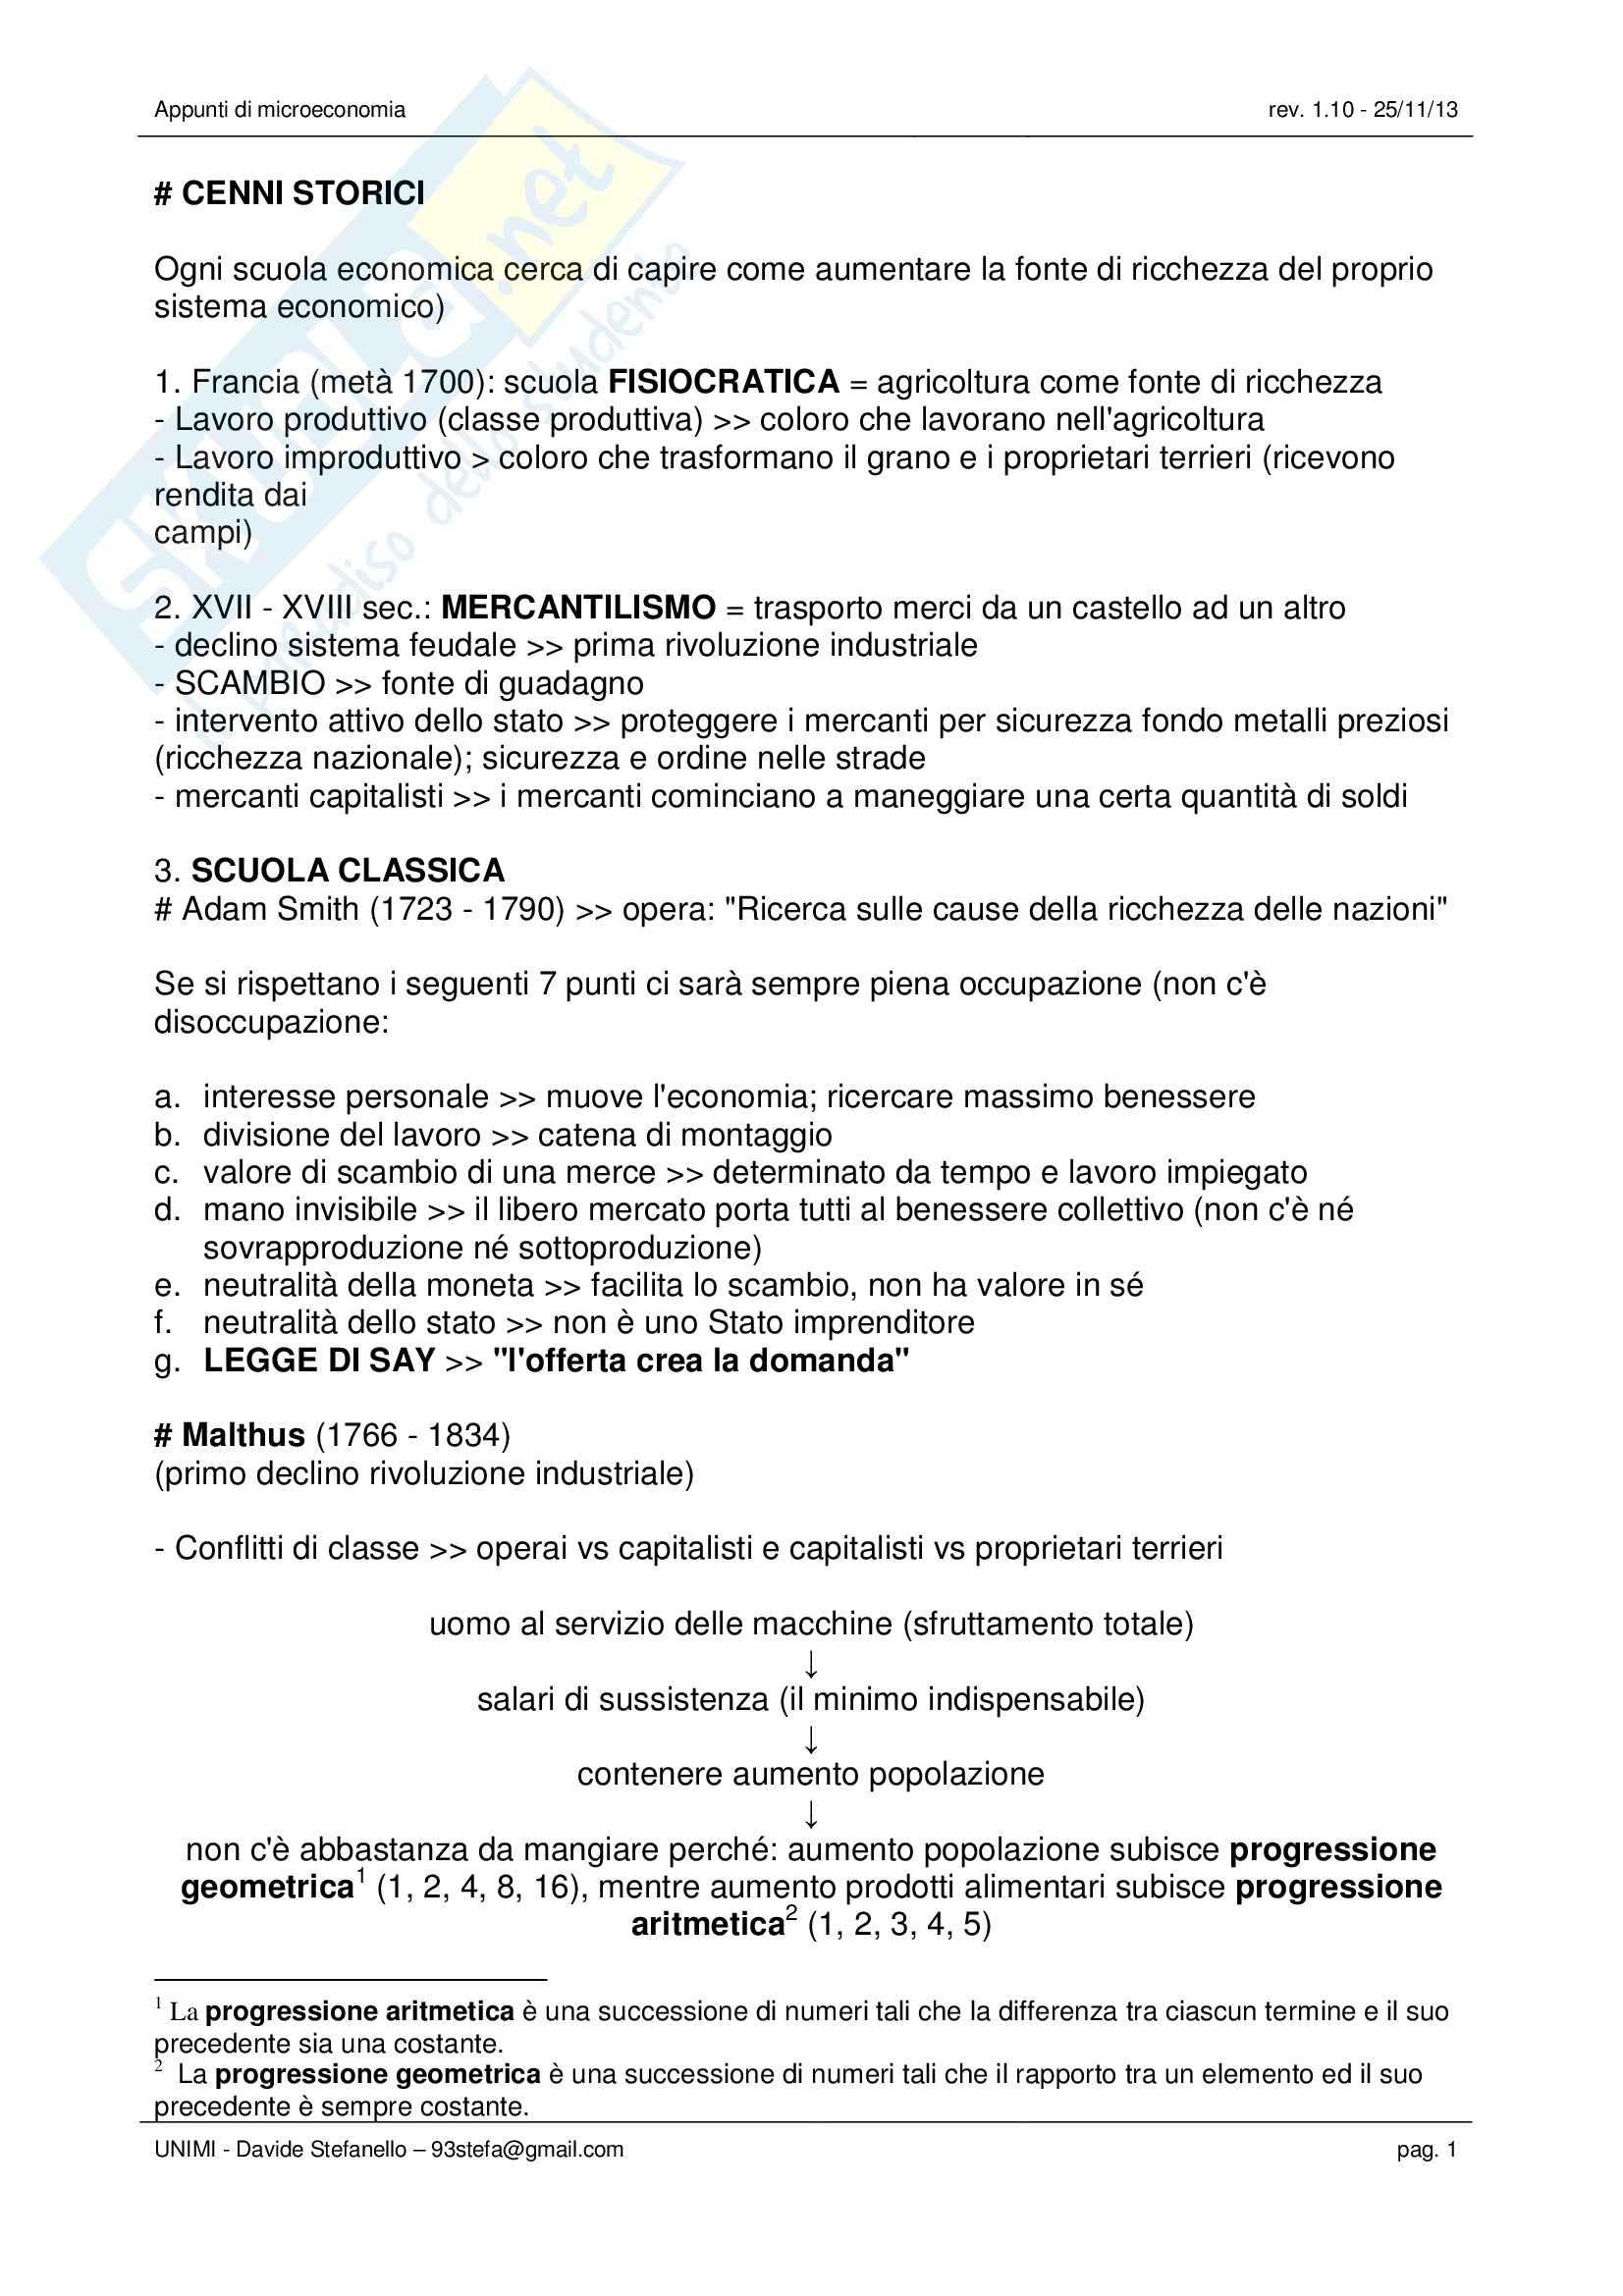 Microeconomia - Appunti